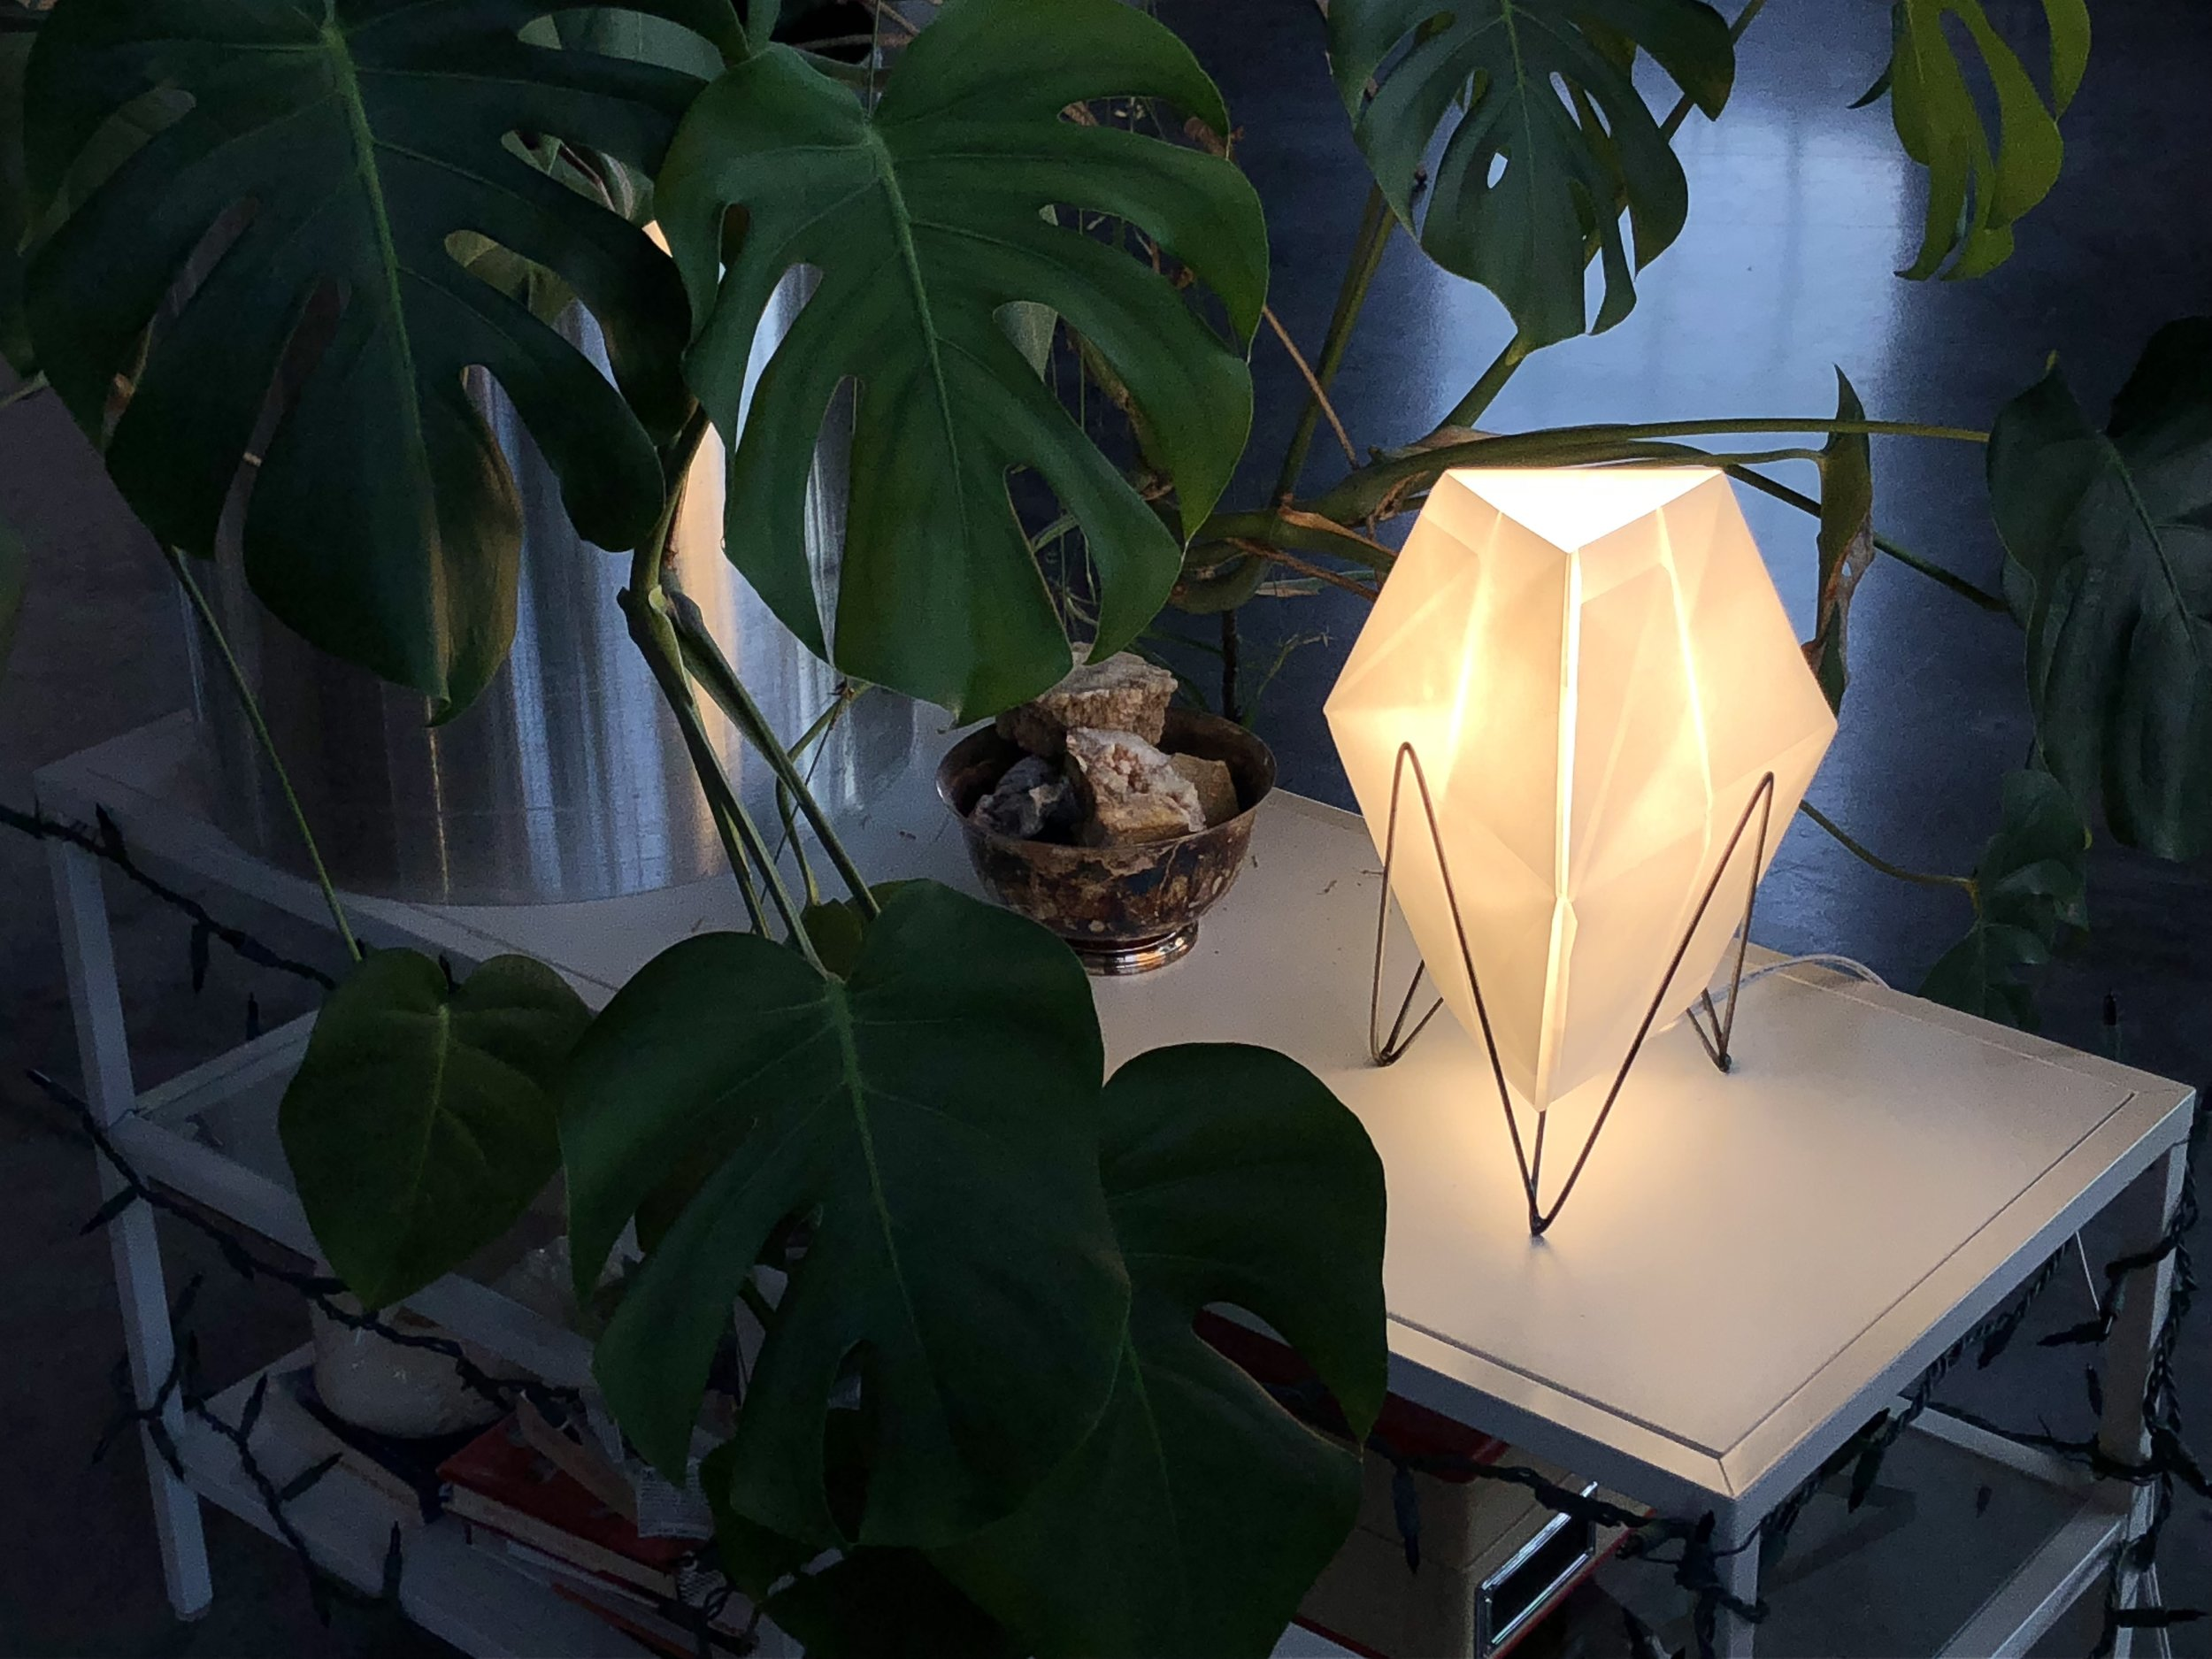 333 lamp